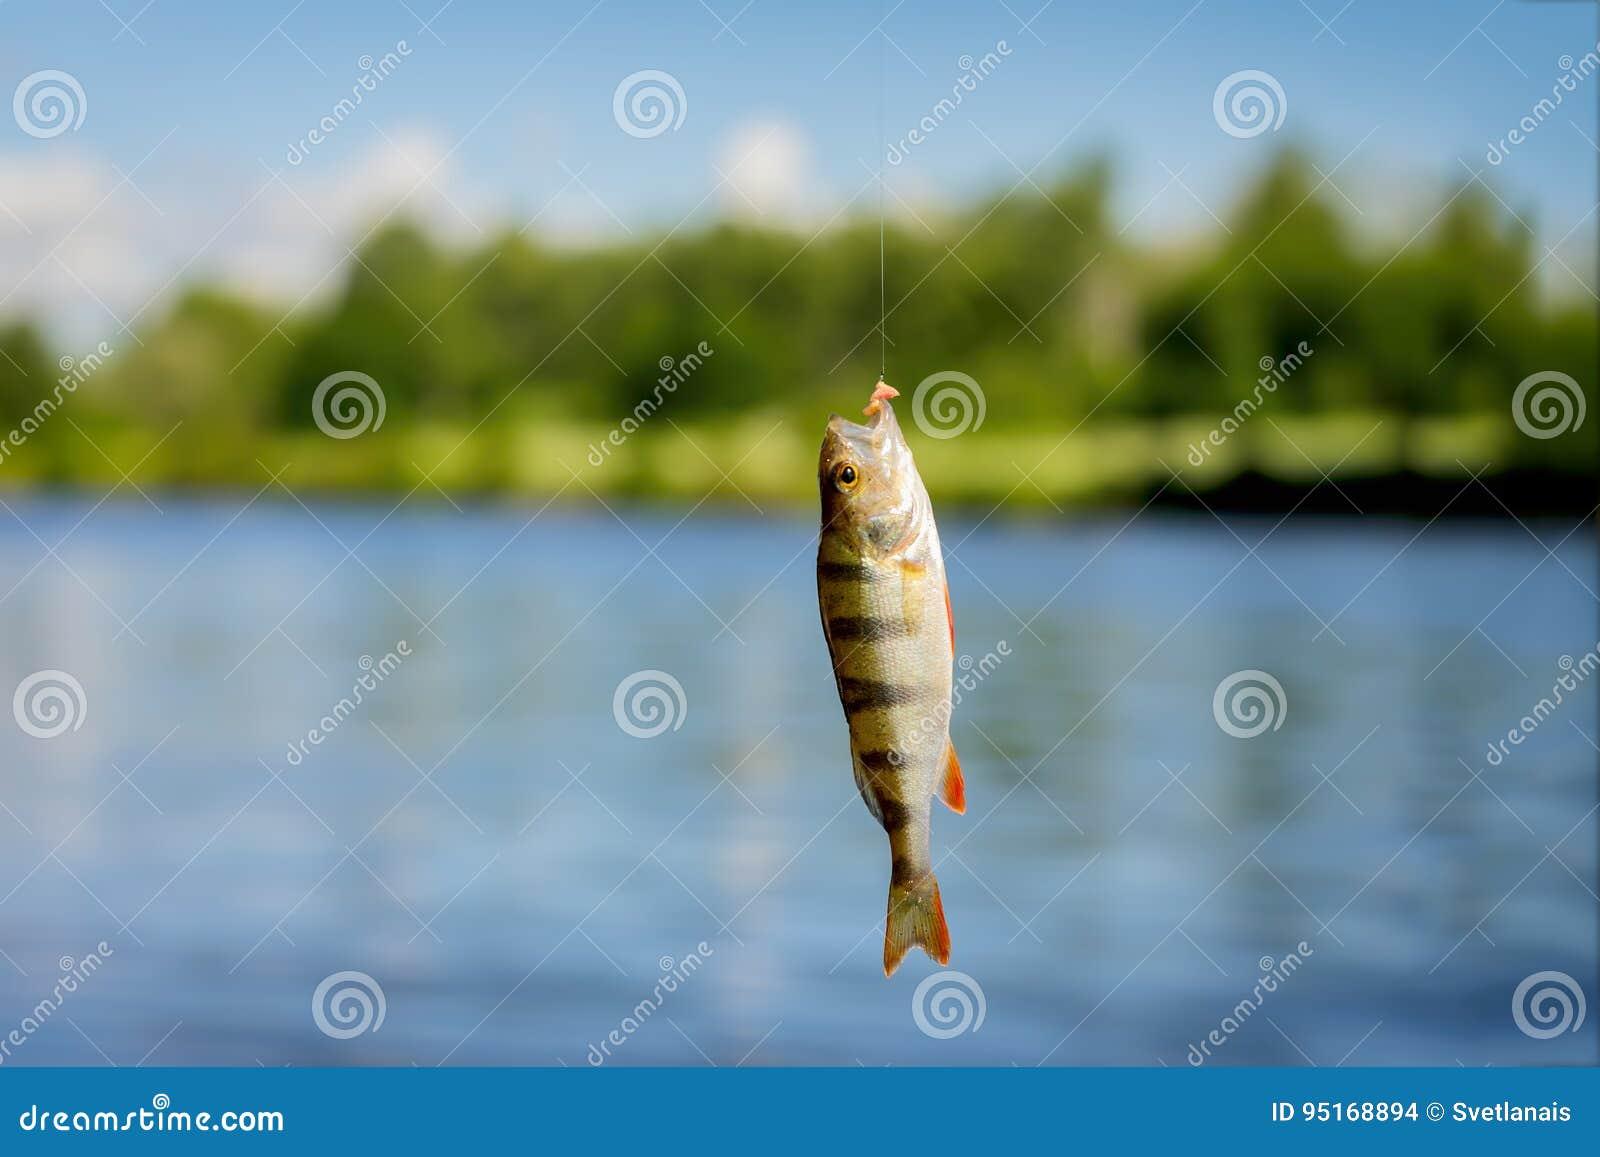 Haken-up-Stange Fisch Dating-Trikot